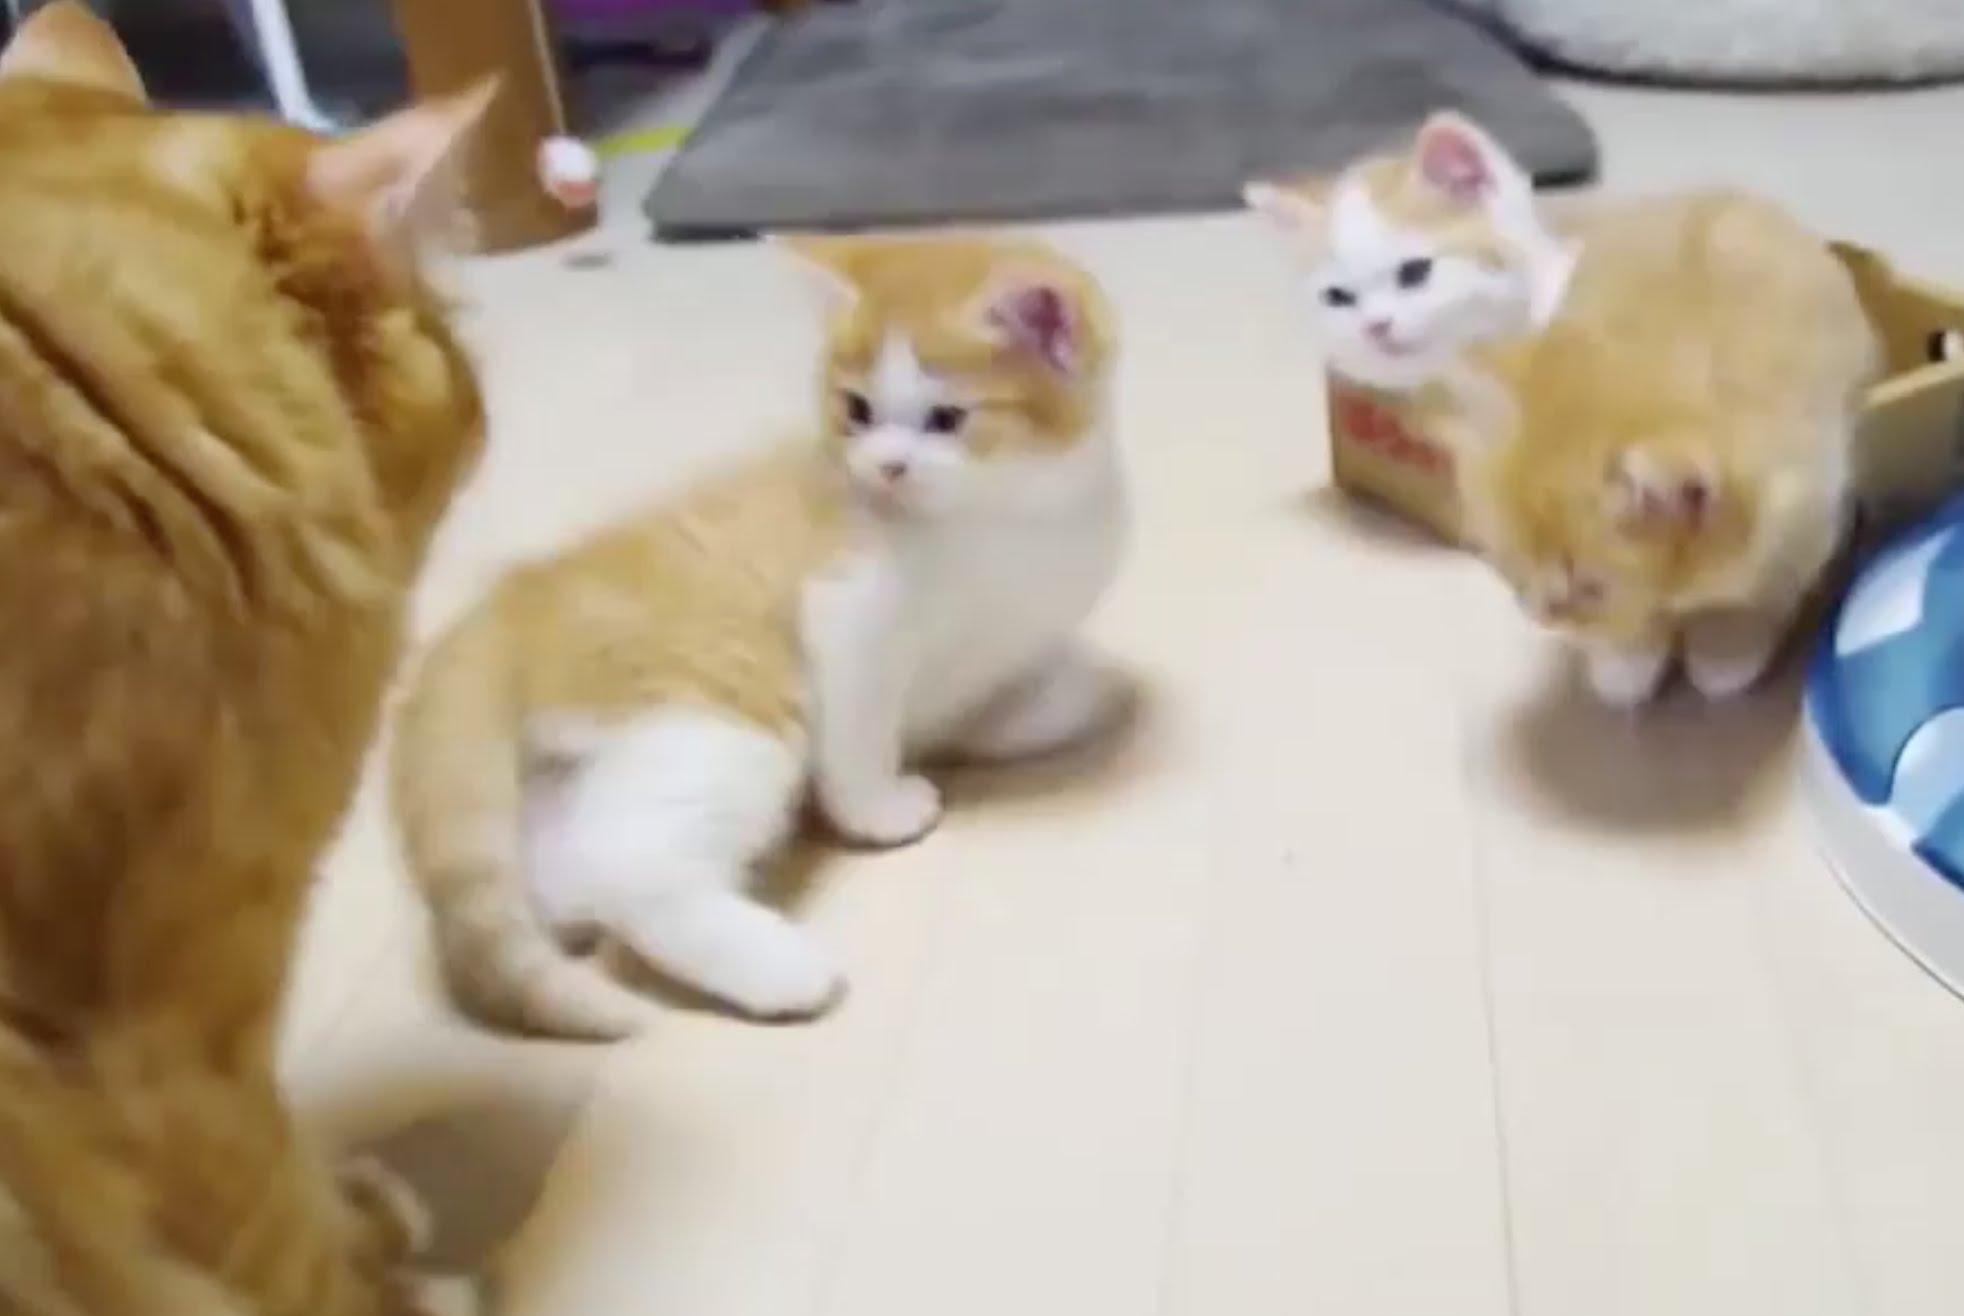 見ているだけで癒される!マンチカンの子猫の動画♪